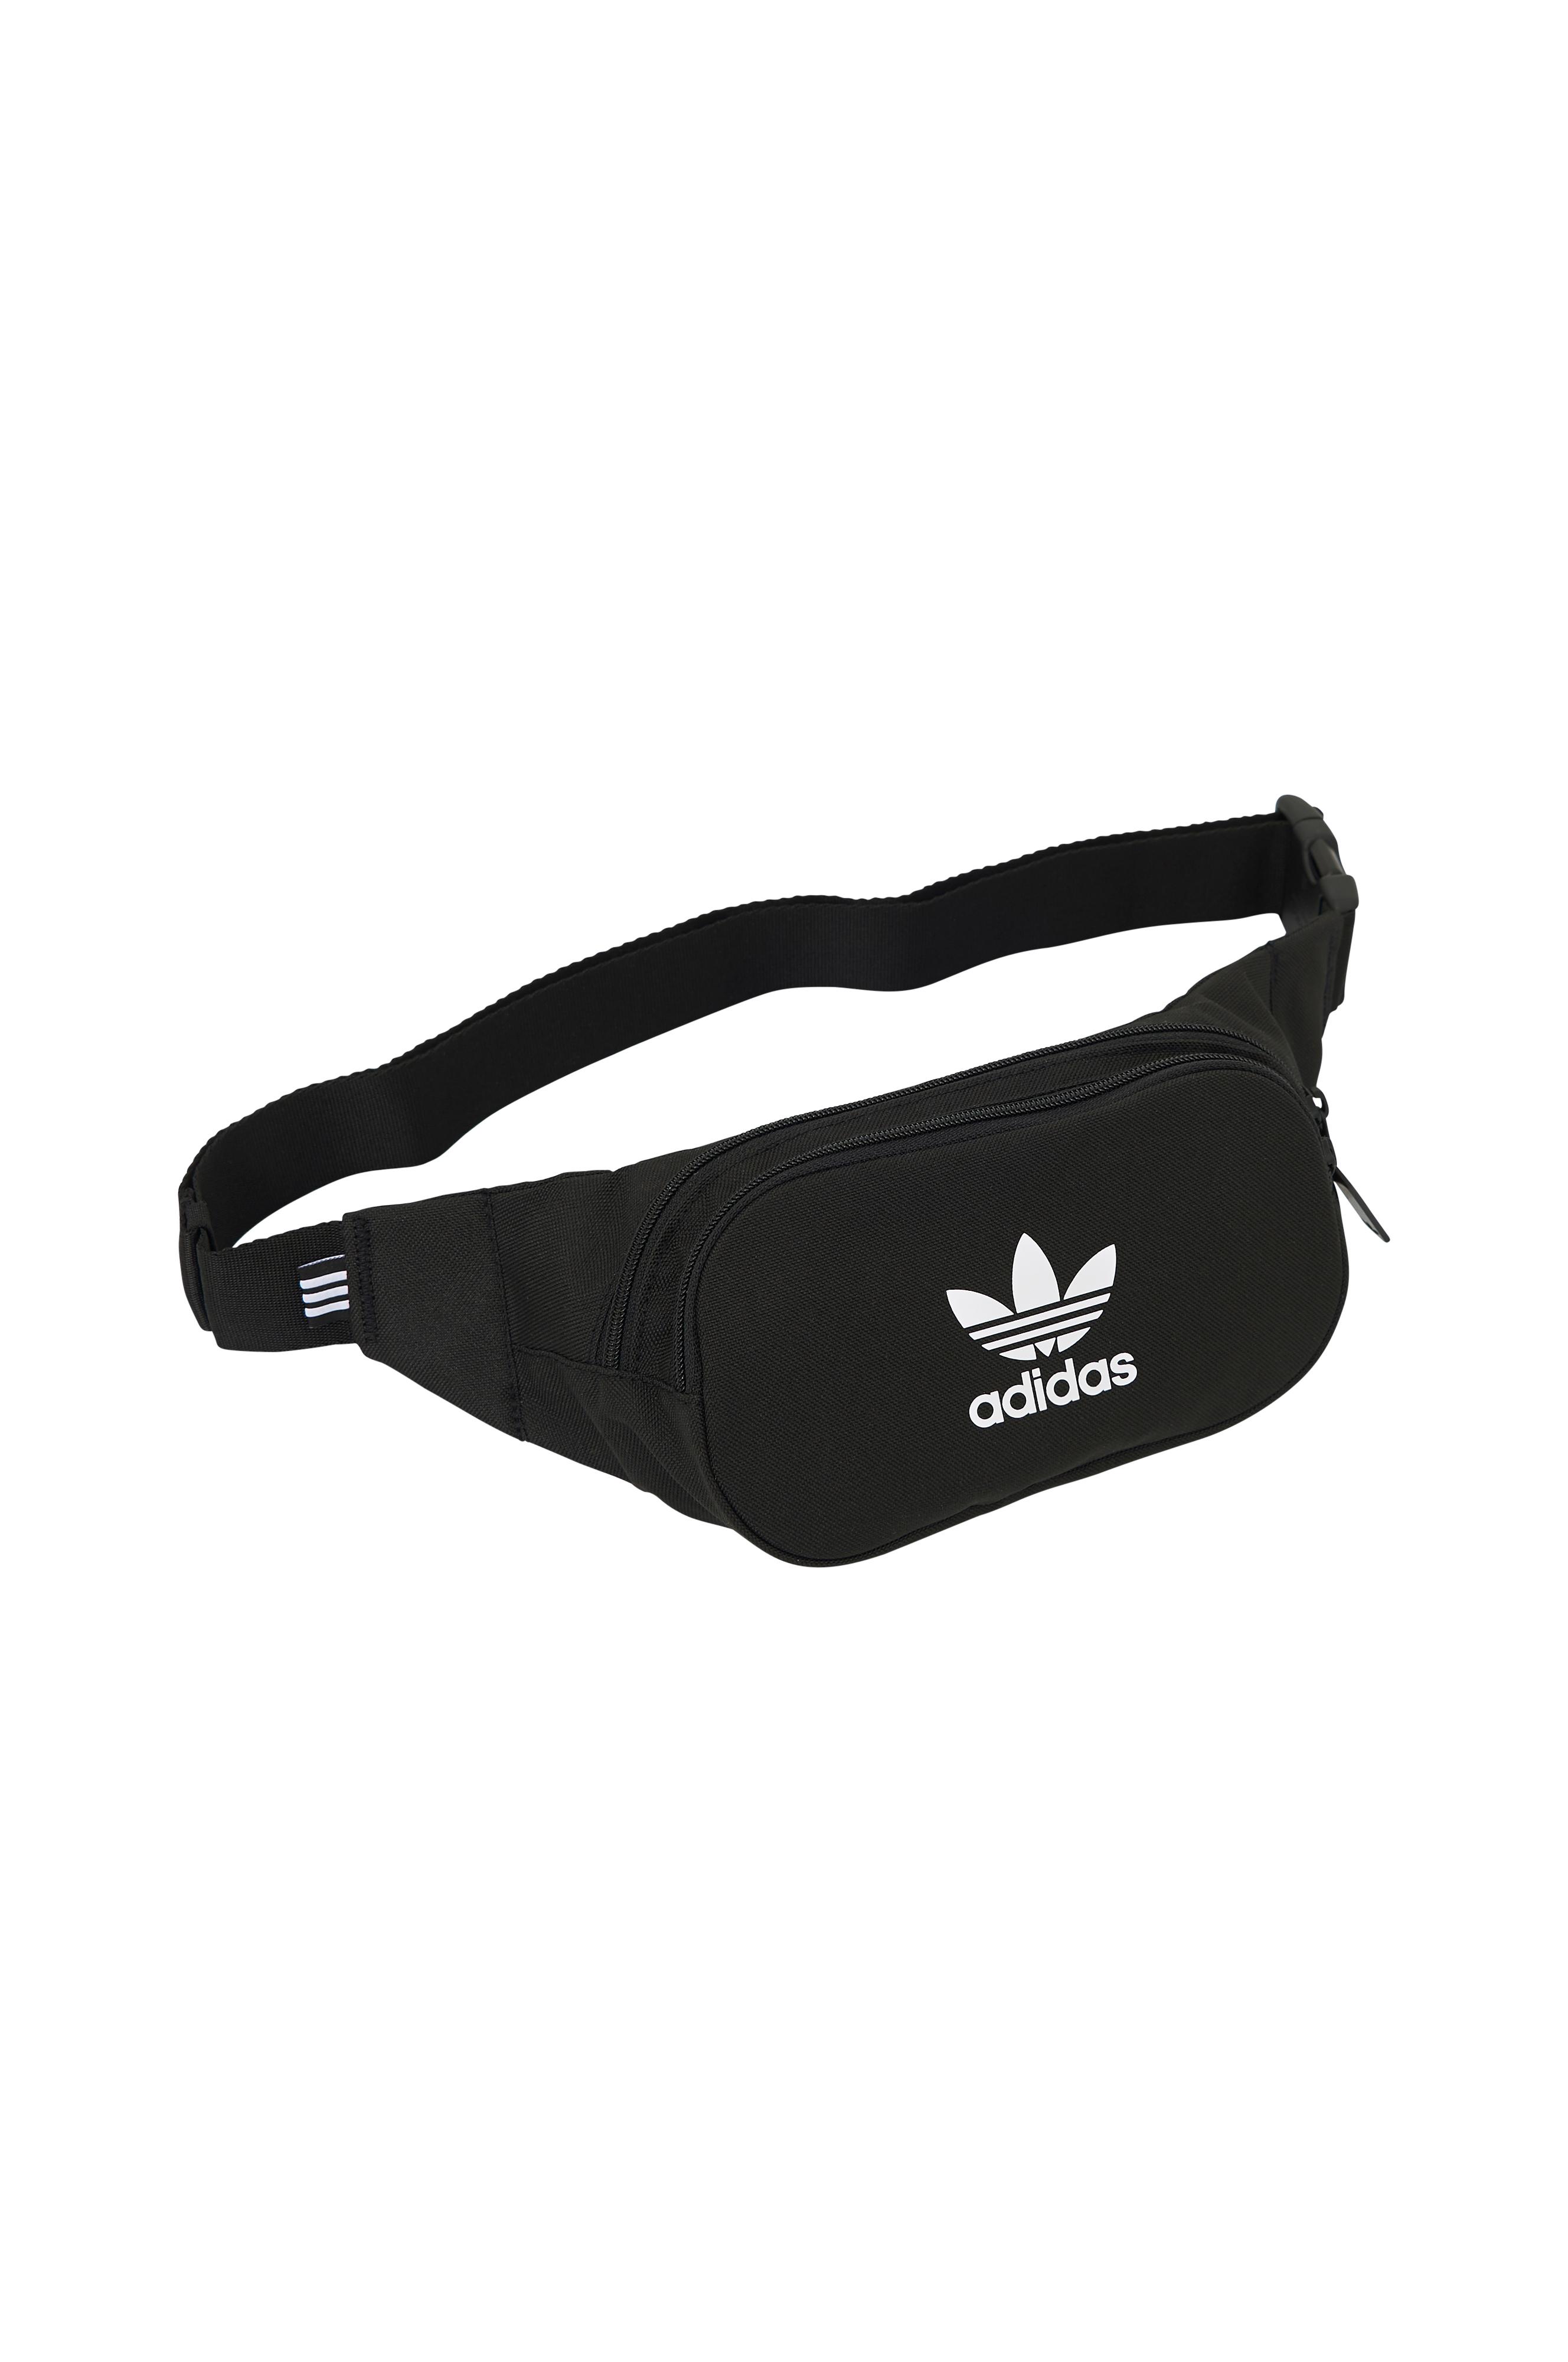 adidas Originals Essential Crossbody Bag Black